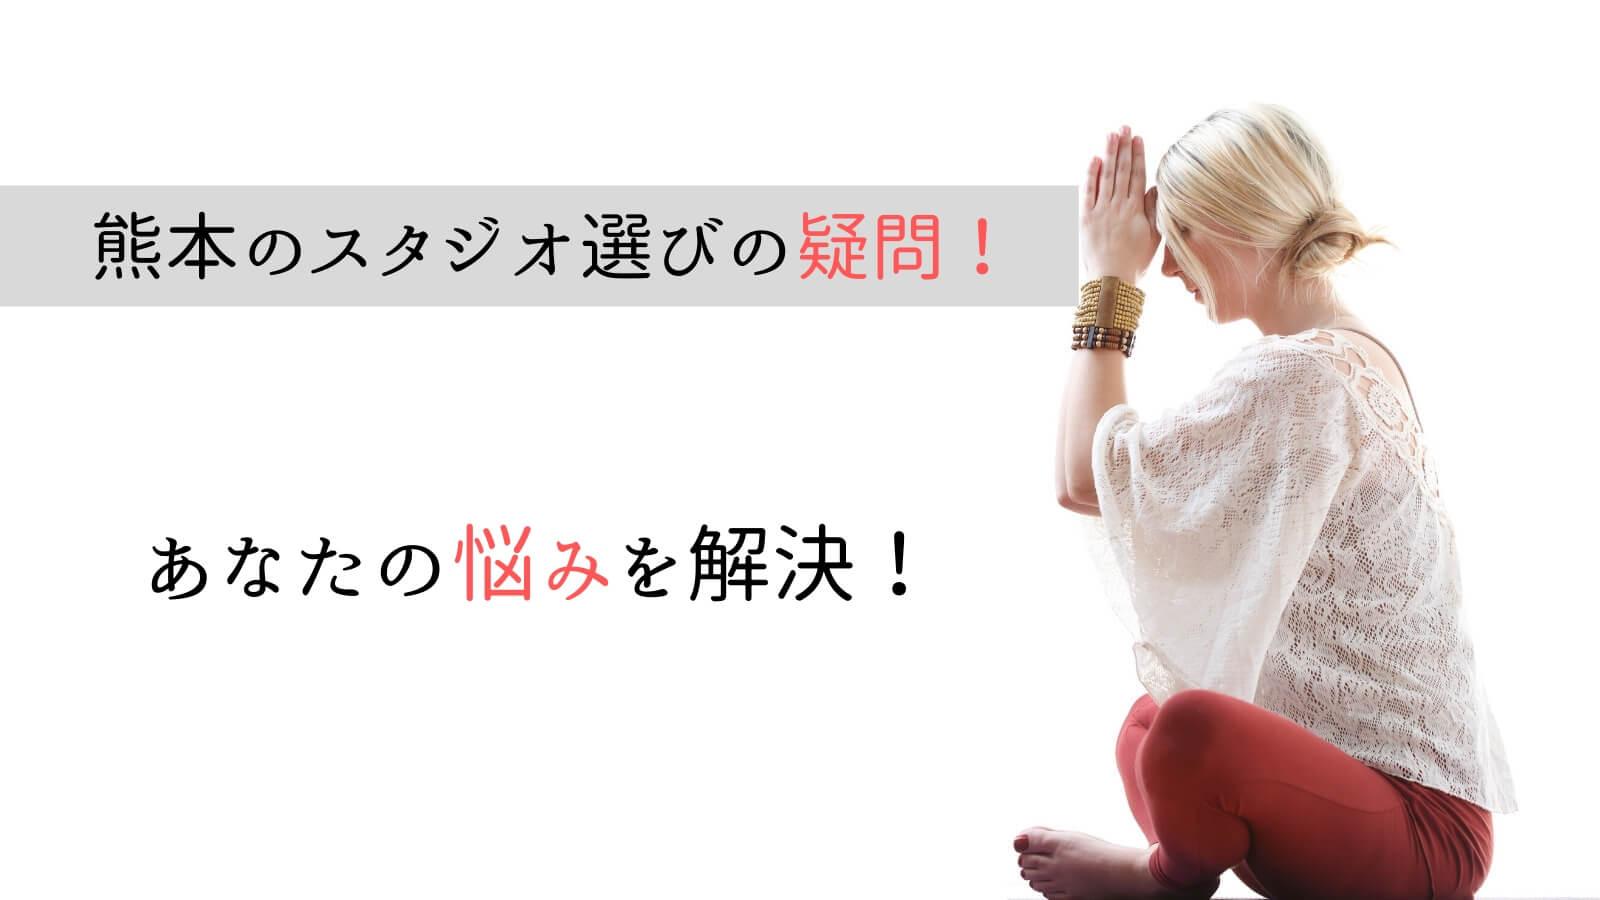 熊本でのホットヨガスタジオ選びに関するQ&A